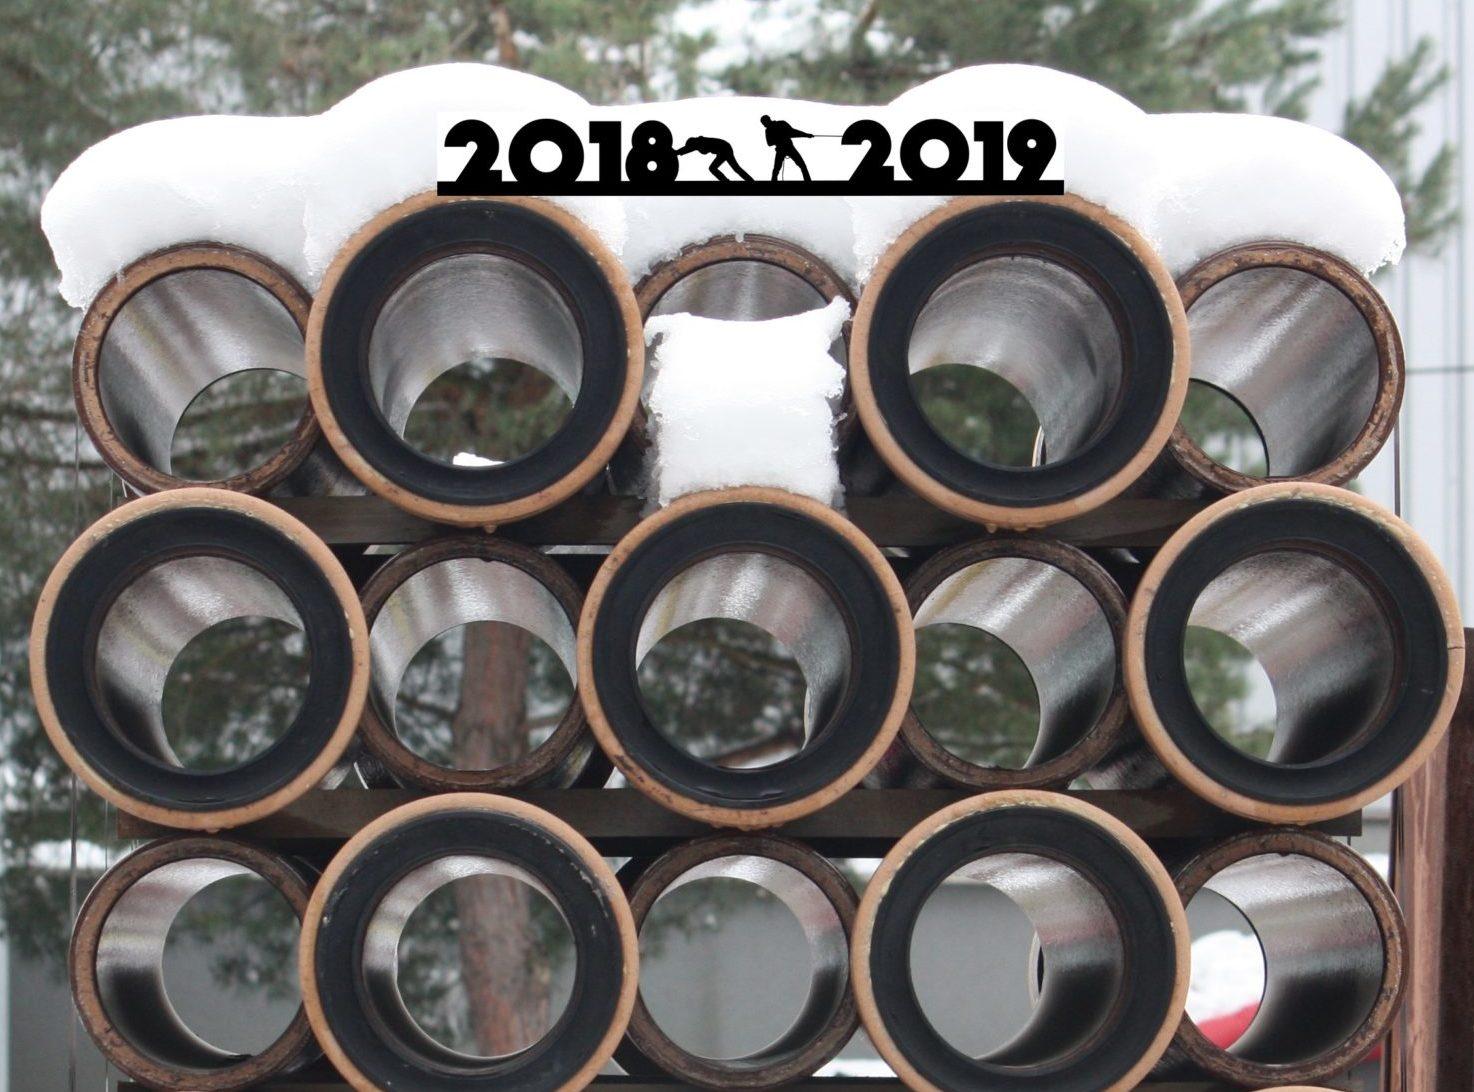 Provozní doba – Leden 2019